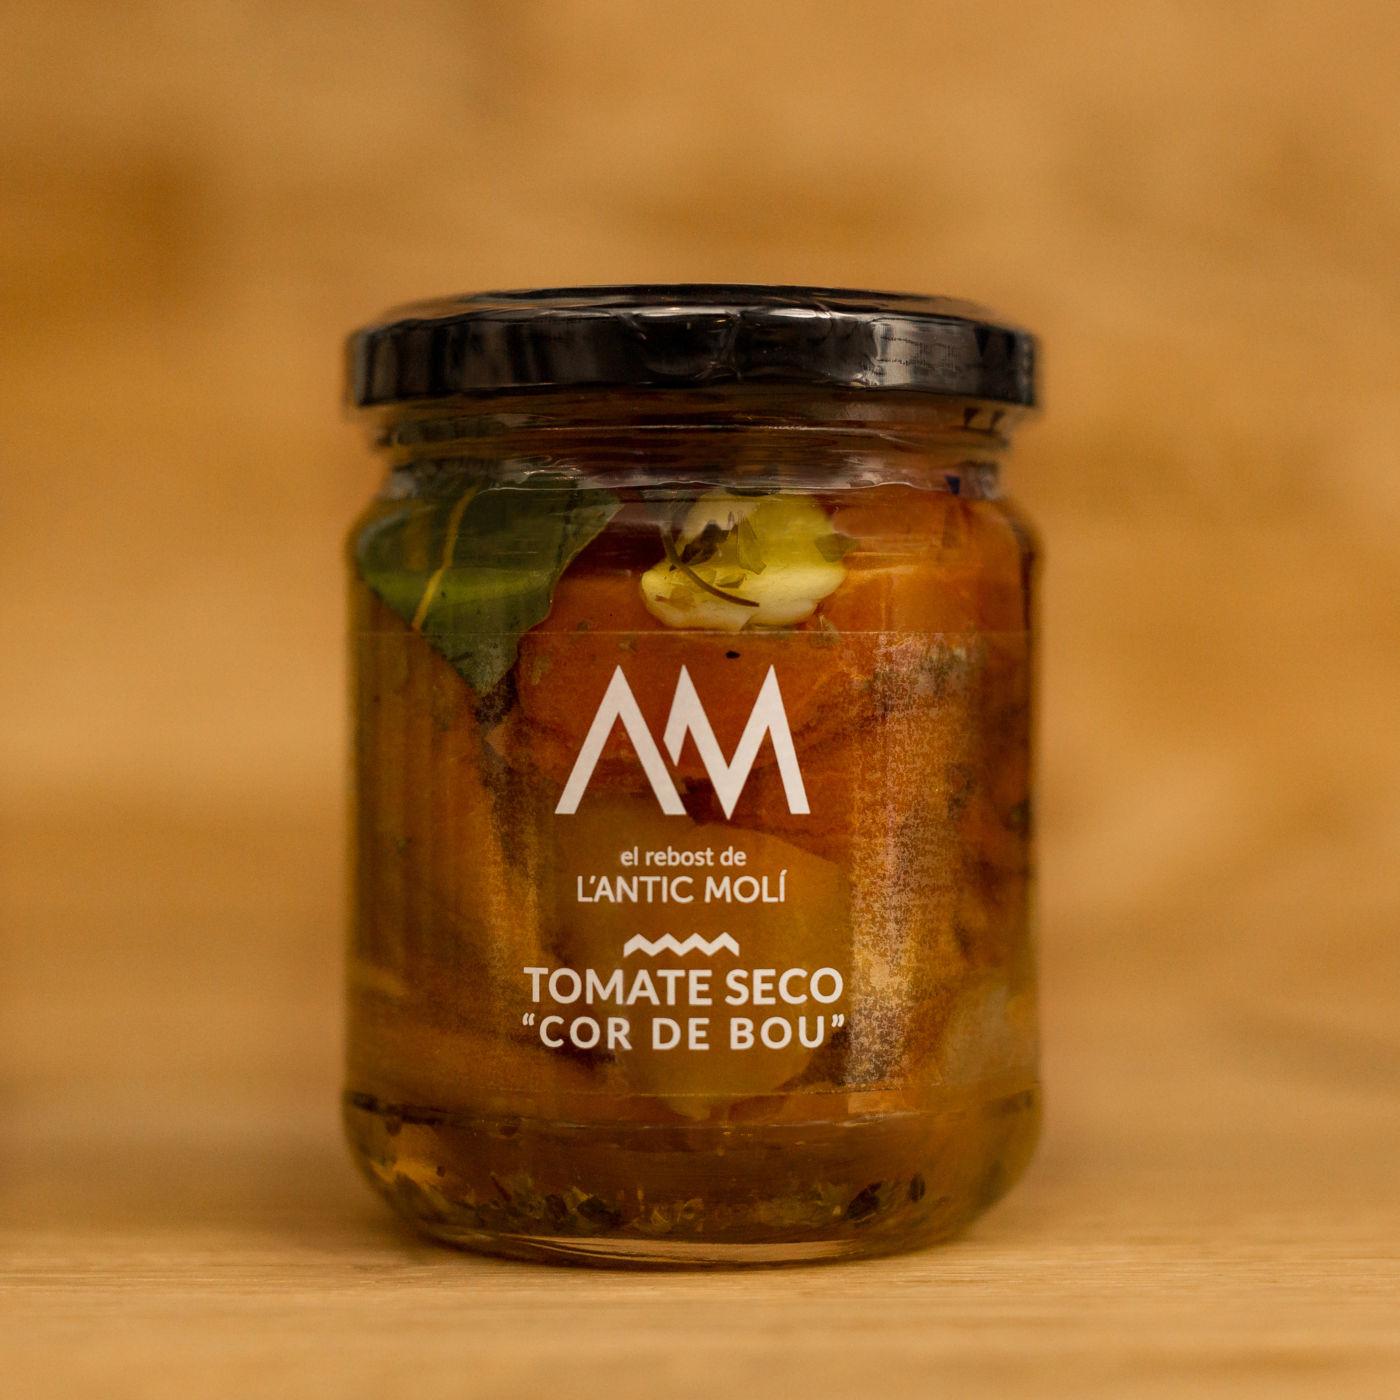 tomate seco cor de bou-rebost antic moli